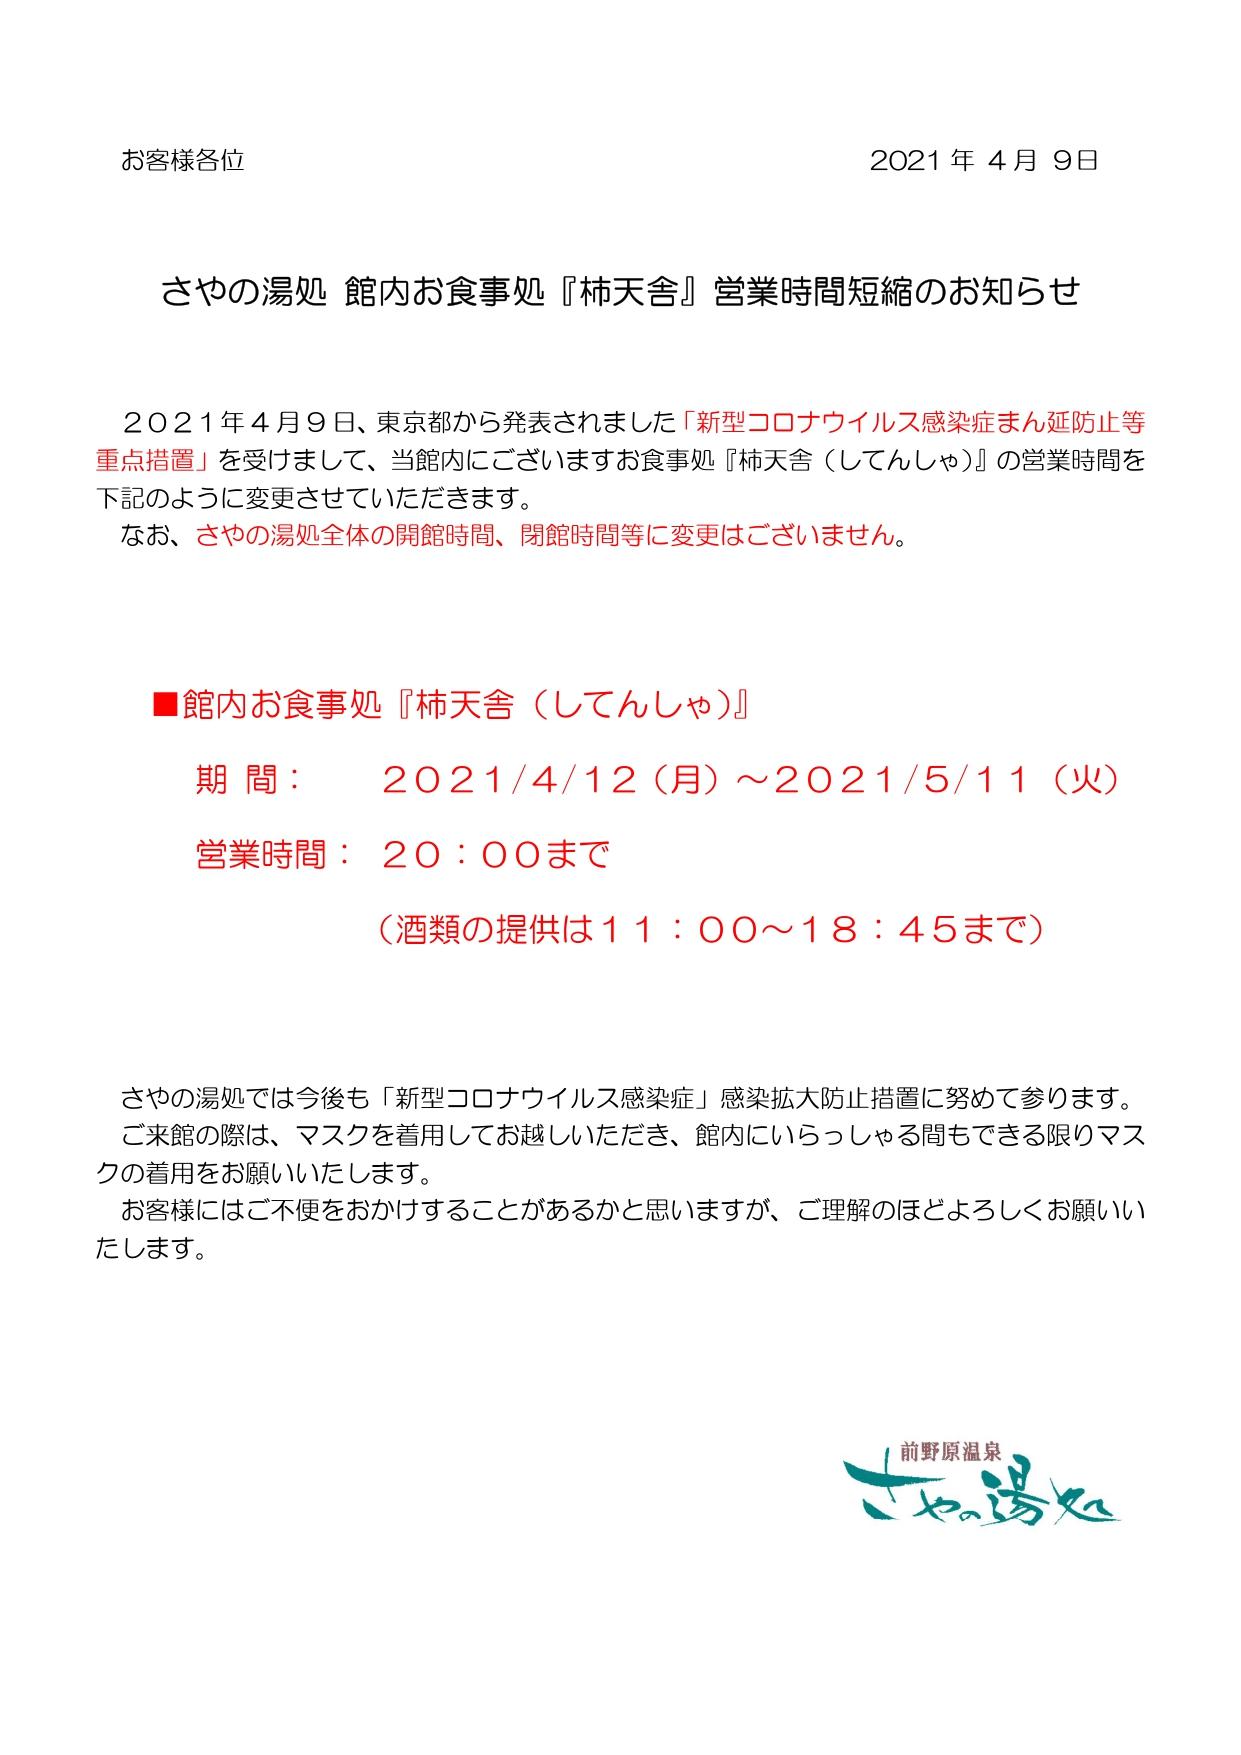 お食事処『柿天舎』営業時間短縮のお知らせ(5/11まで)